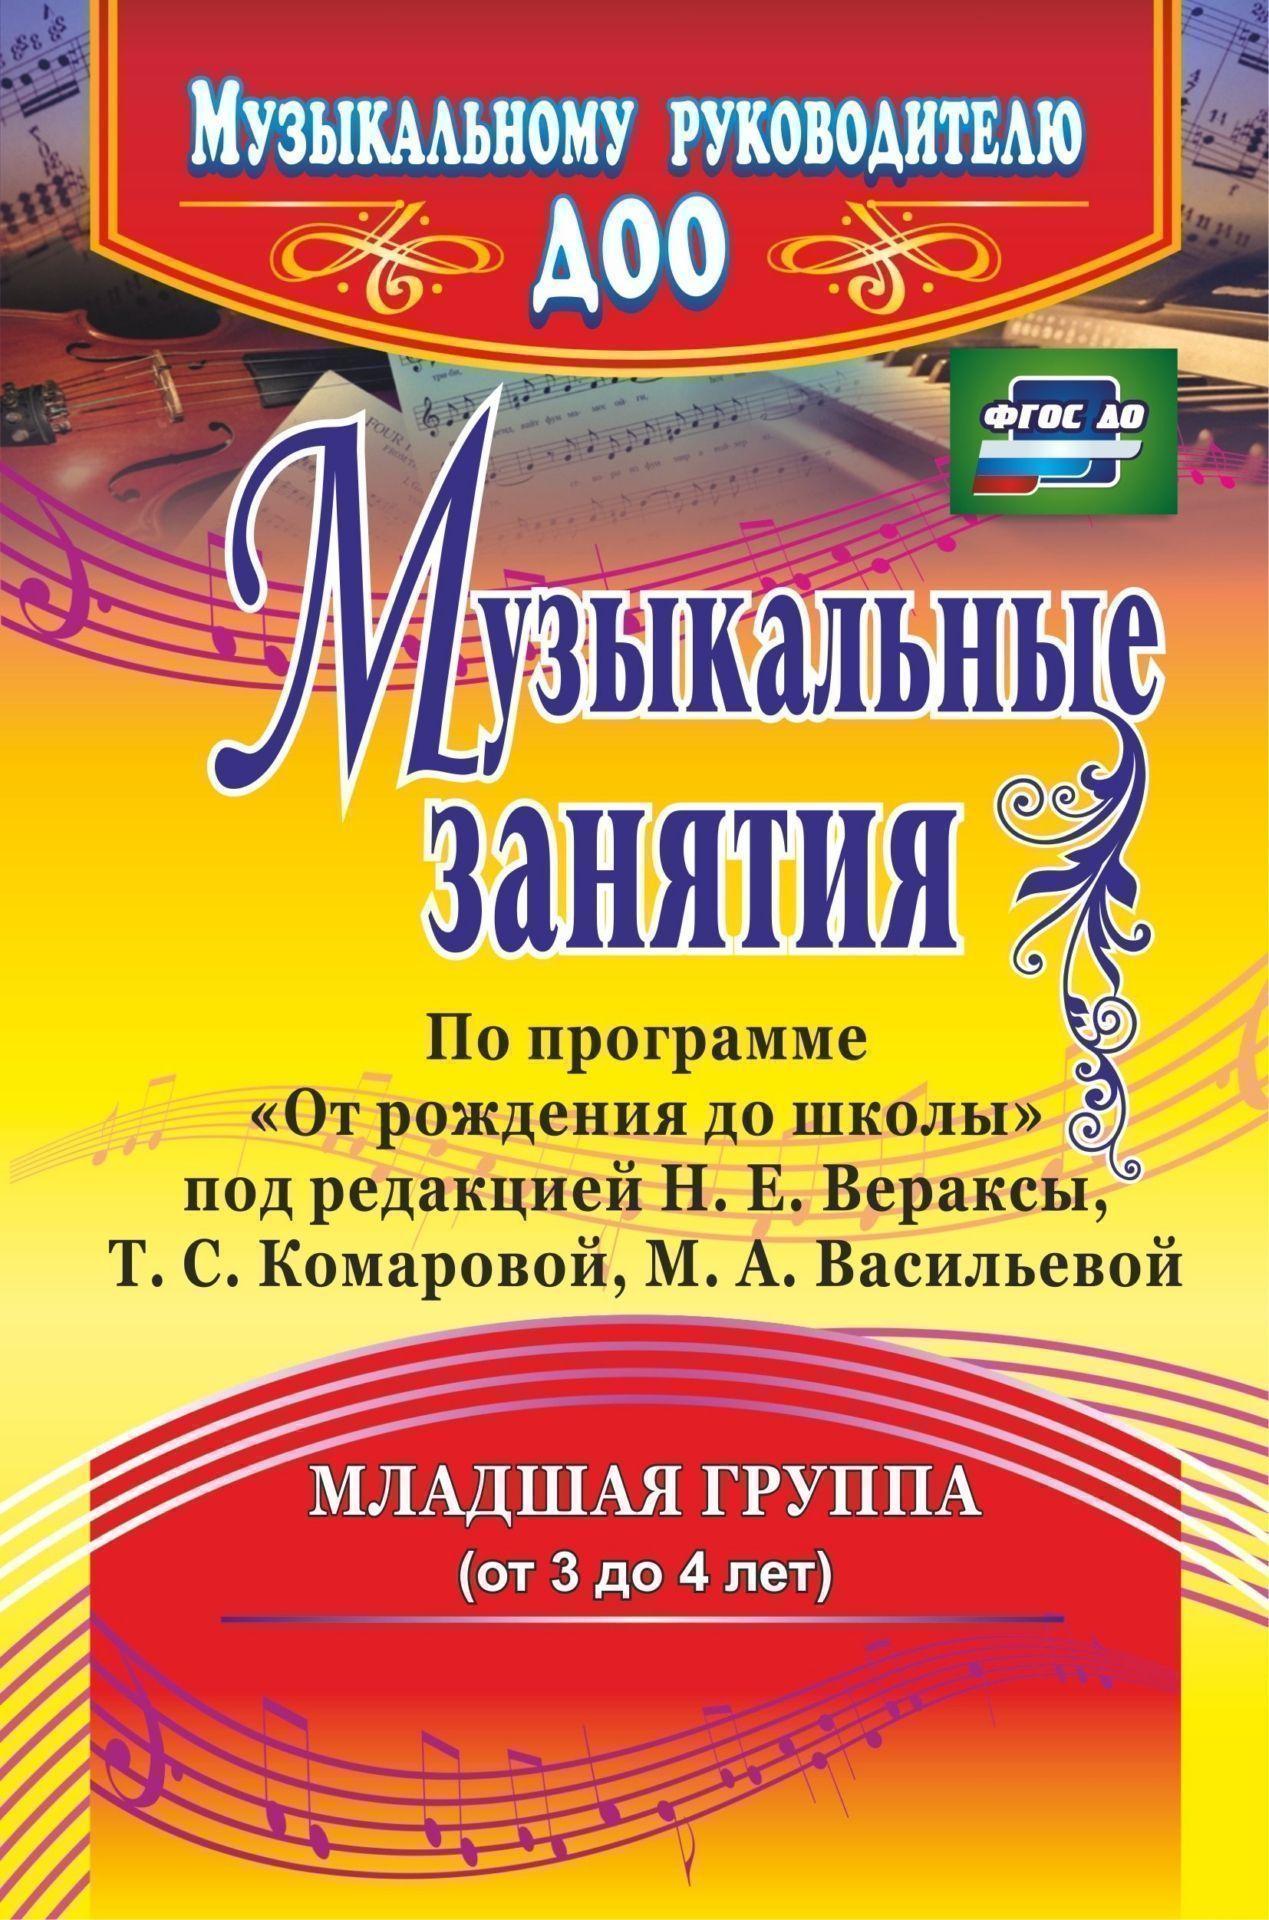 Музыкальные Занятия по программе От Рождения до Школы. Младшая Группа (От 3 до 4 лет)